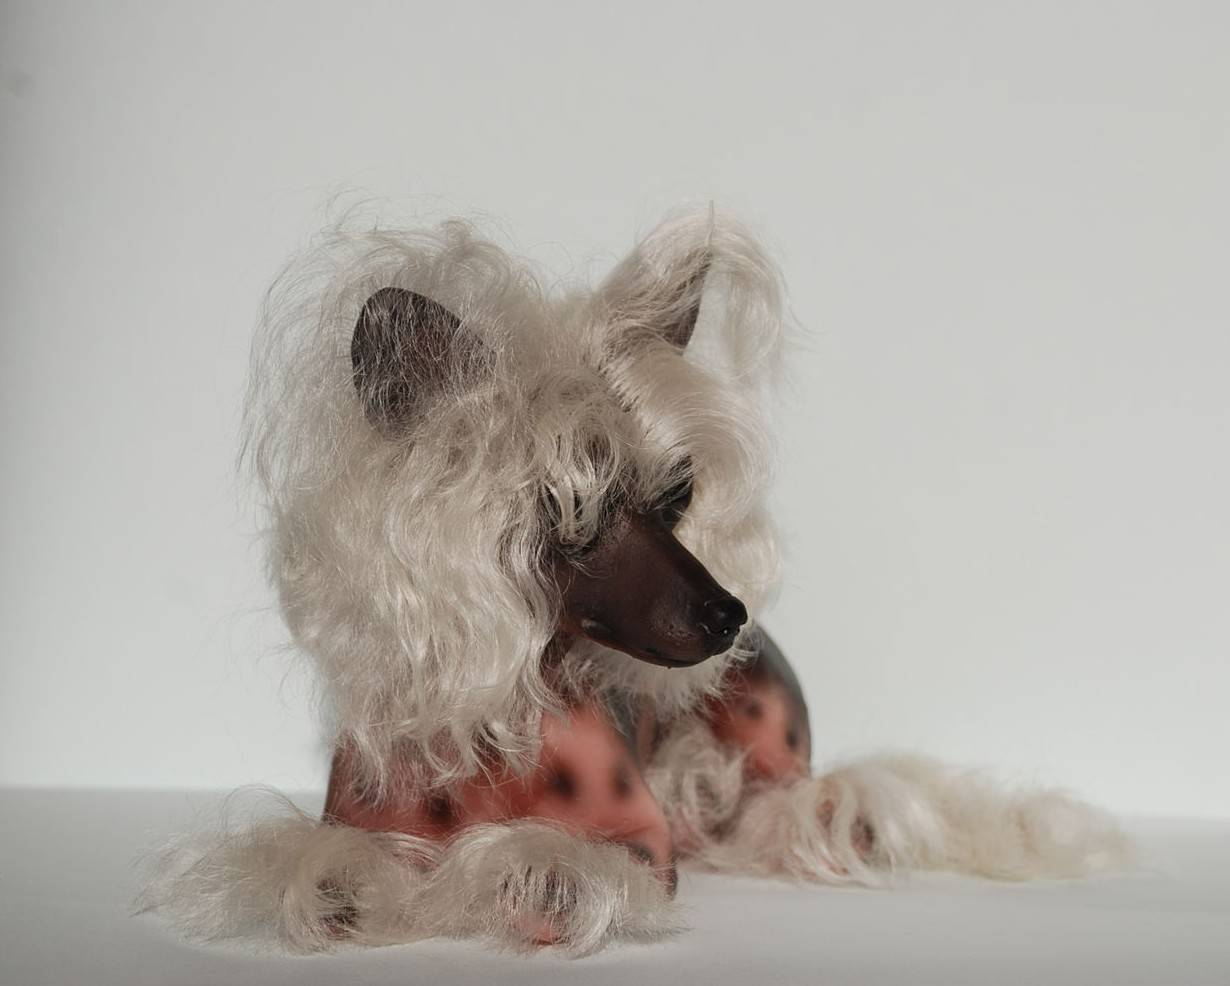 ᐉ описание породы китайская хохлатая собака - ➡ motildazoo.ru